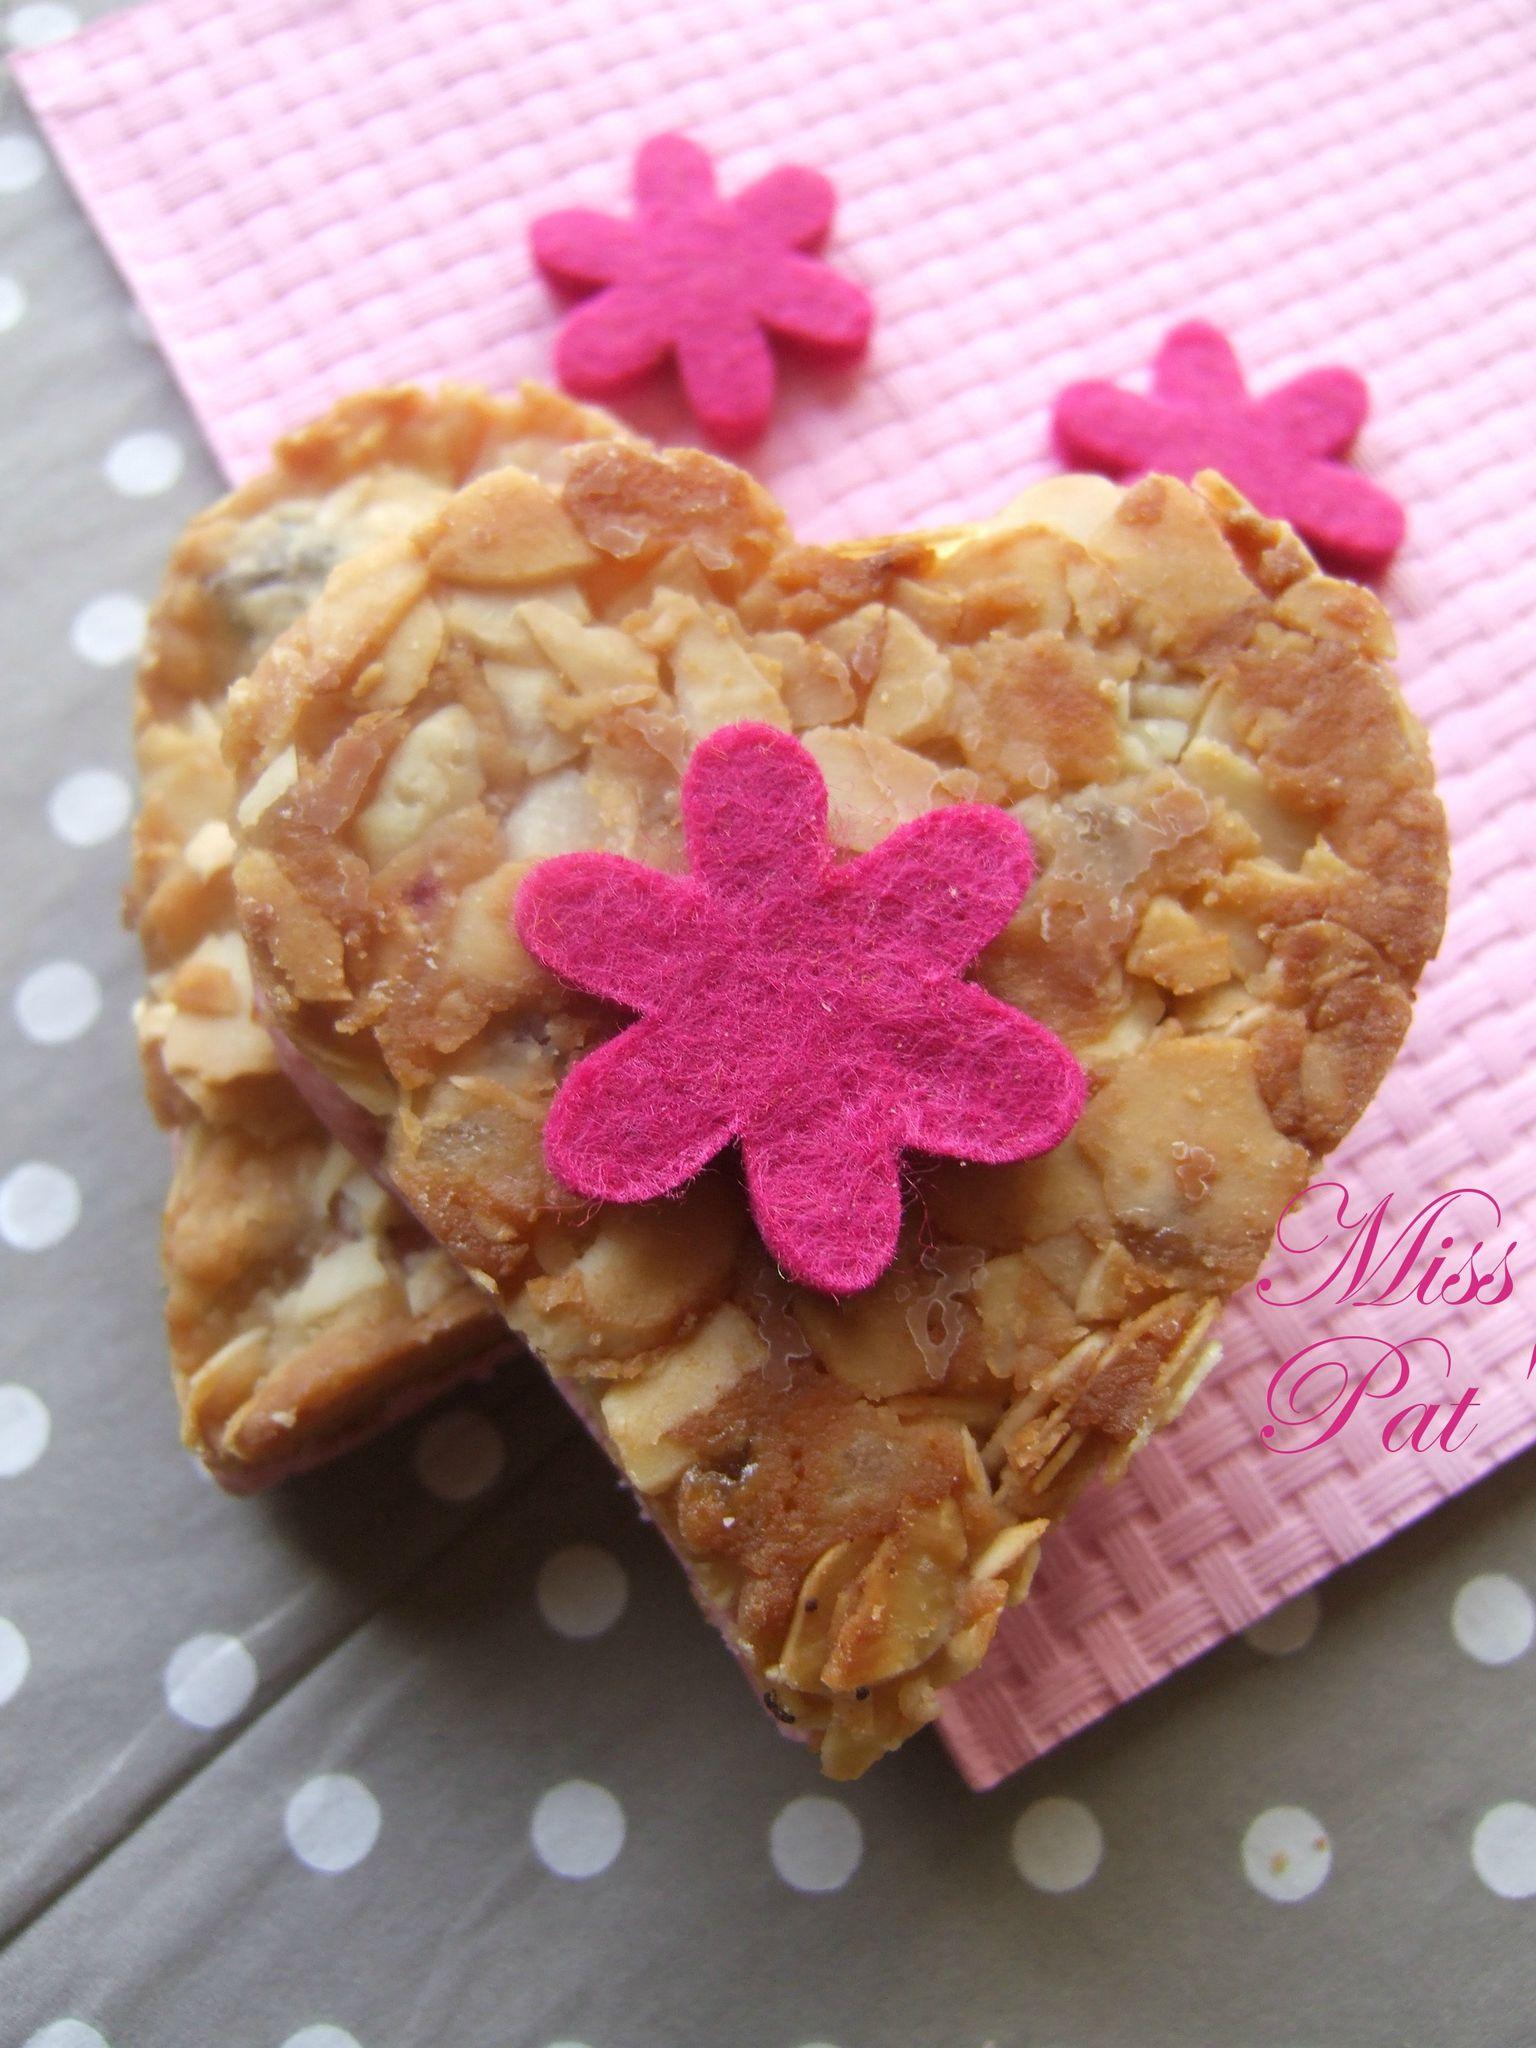 Coeurs florentins coeurs amoureux miss pat 39 - Coeurs amoureux ...